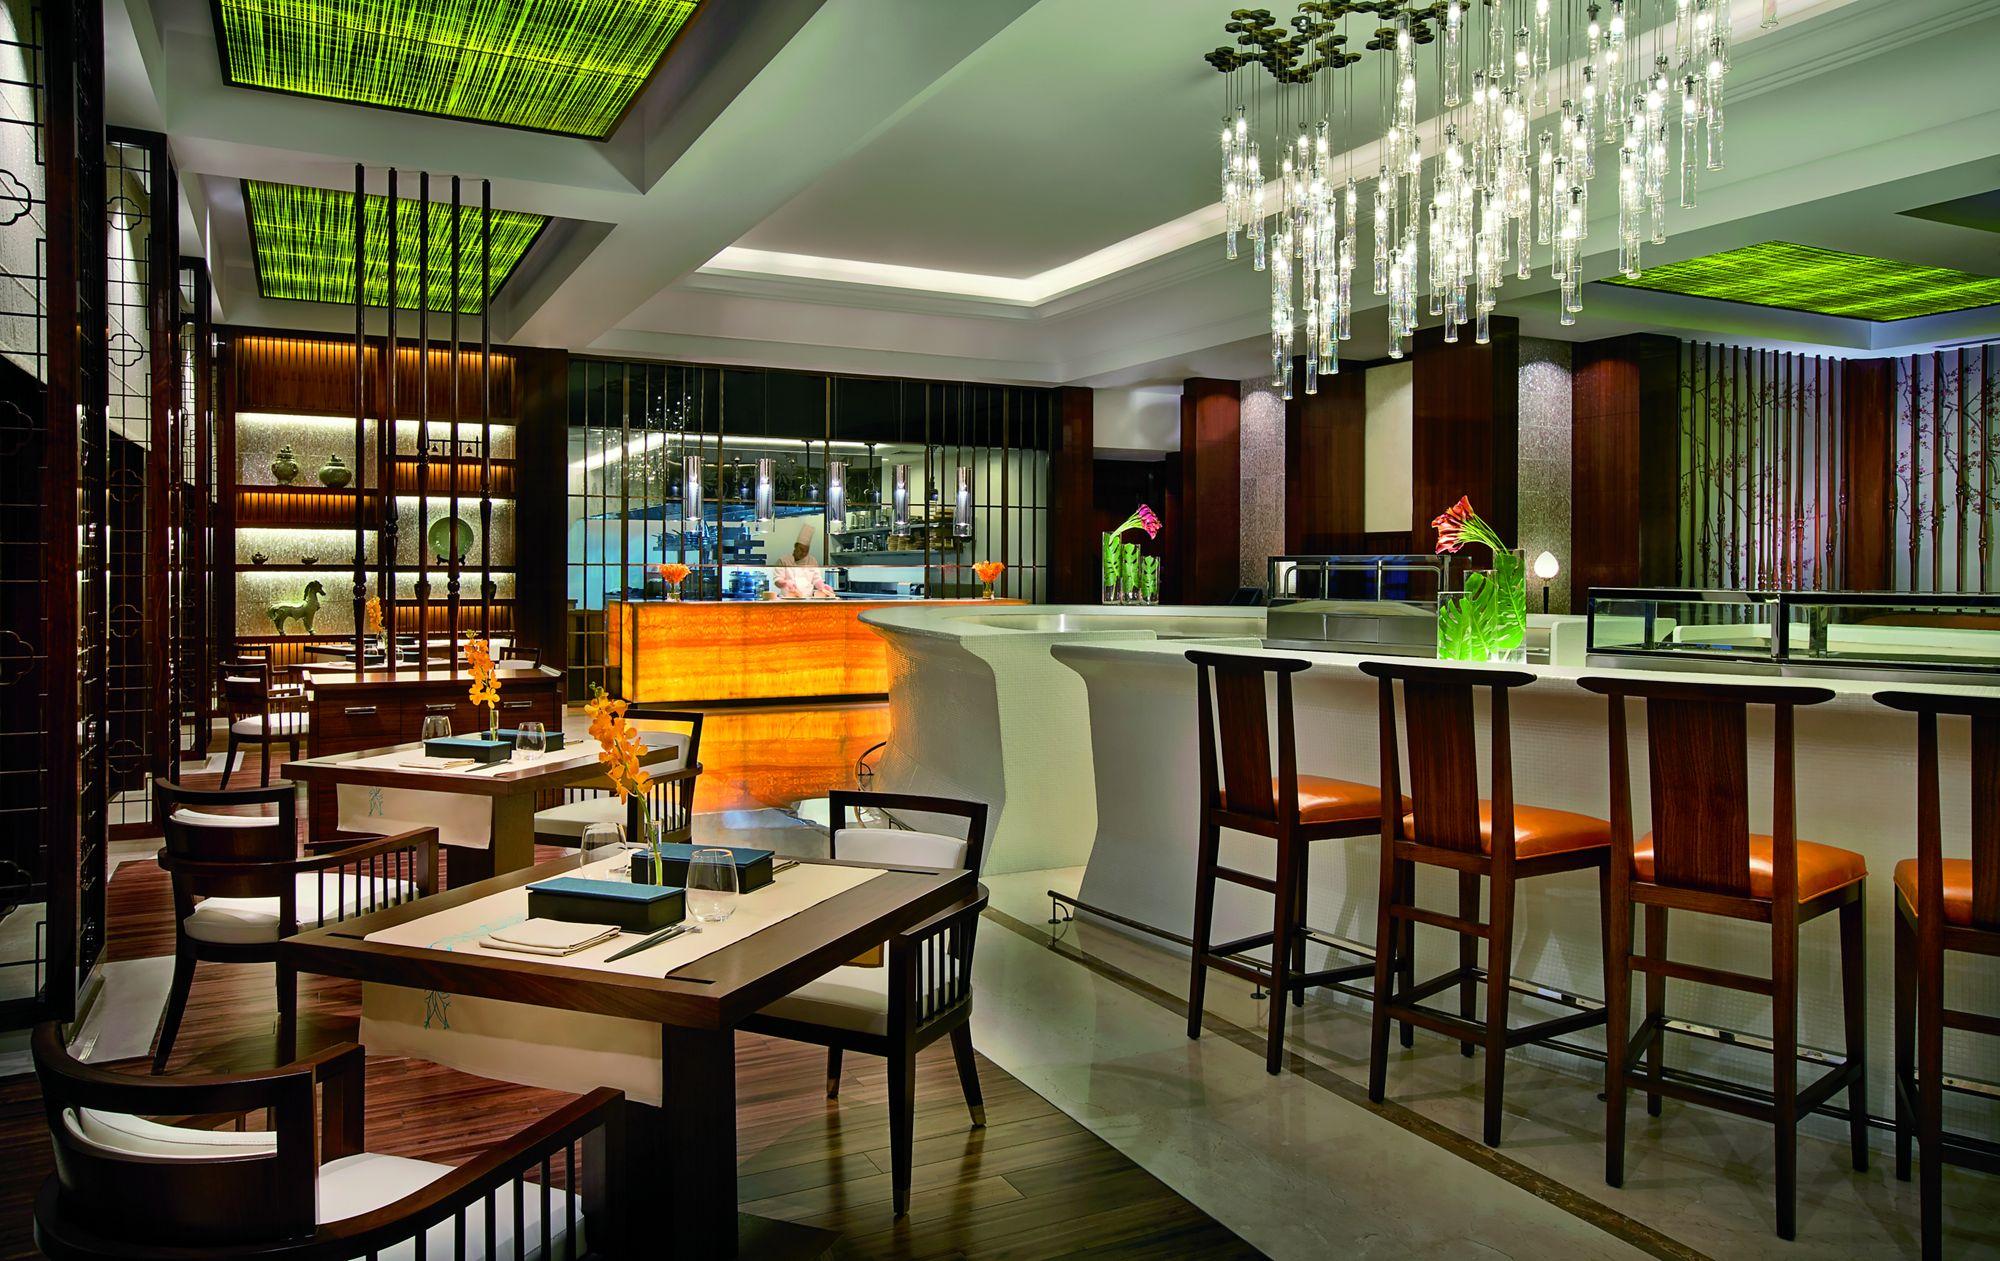 Названий найкращим рестораном Південно-Східної Азії від TimeOut Dubai, Blue Jade спеціалізується на паназіатській кухні. Тут шеф-кухар Та Ван спритно готує страви, які вшановують смаки рідного В'єтнаму, а також  Таїланду, Сінгапуру, Японії та Китаю. У цьому ресторані  проводиться спеціальна щотижнева презентація під назвою Sushilicious, де представлені вишукані улюблені суші та сашімі, такі як каліфорнійський макі, рулет з лосося та авокадо, тунець Нігірі та багато іншого, в поєднанні з азіатськими коктейлями та домашніми напоями. Рекомендуємо відвідати!